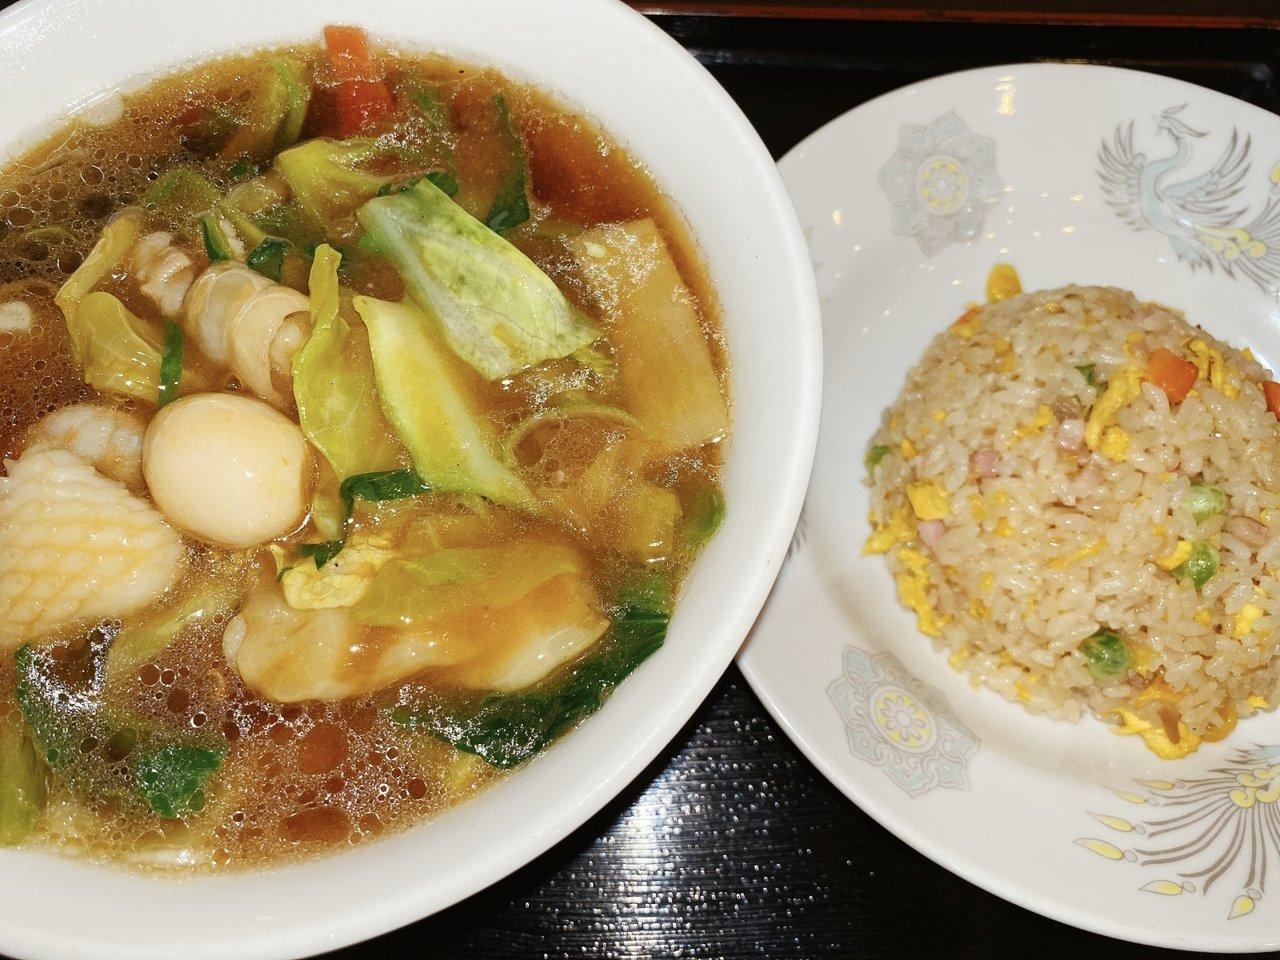 東京ローカルのおいしいラーメンがたべたい 五目野菜ラーメンと半チャーハン